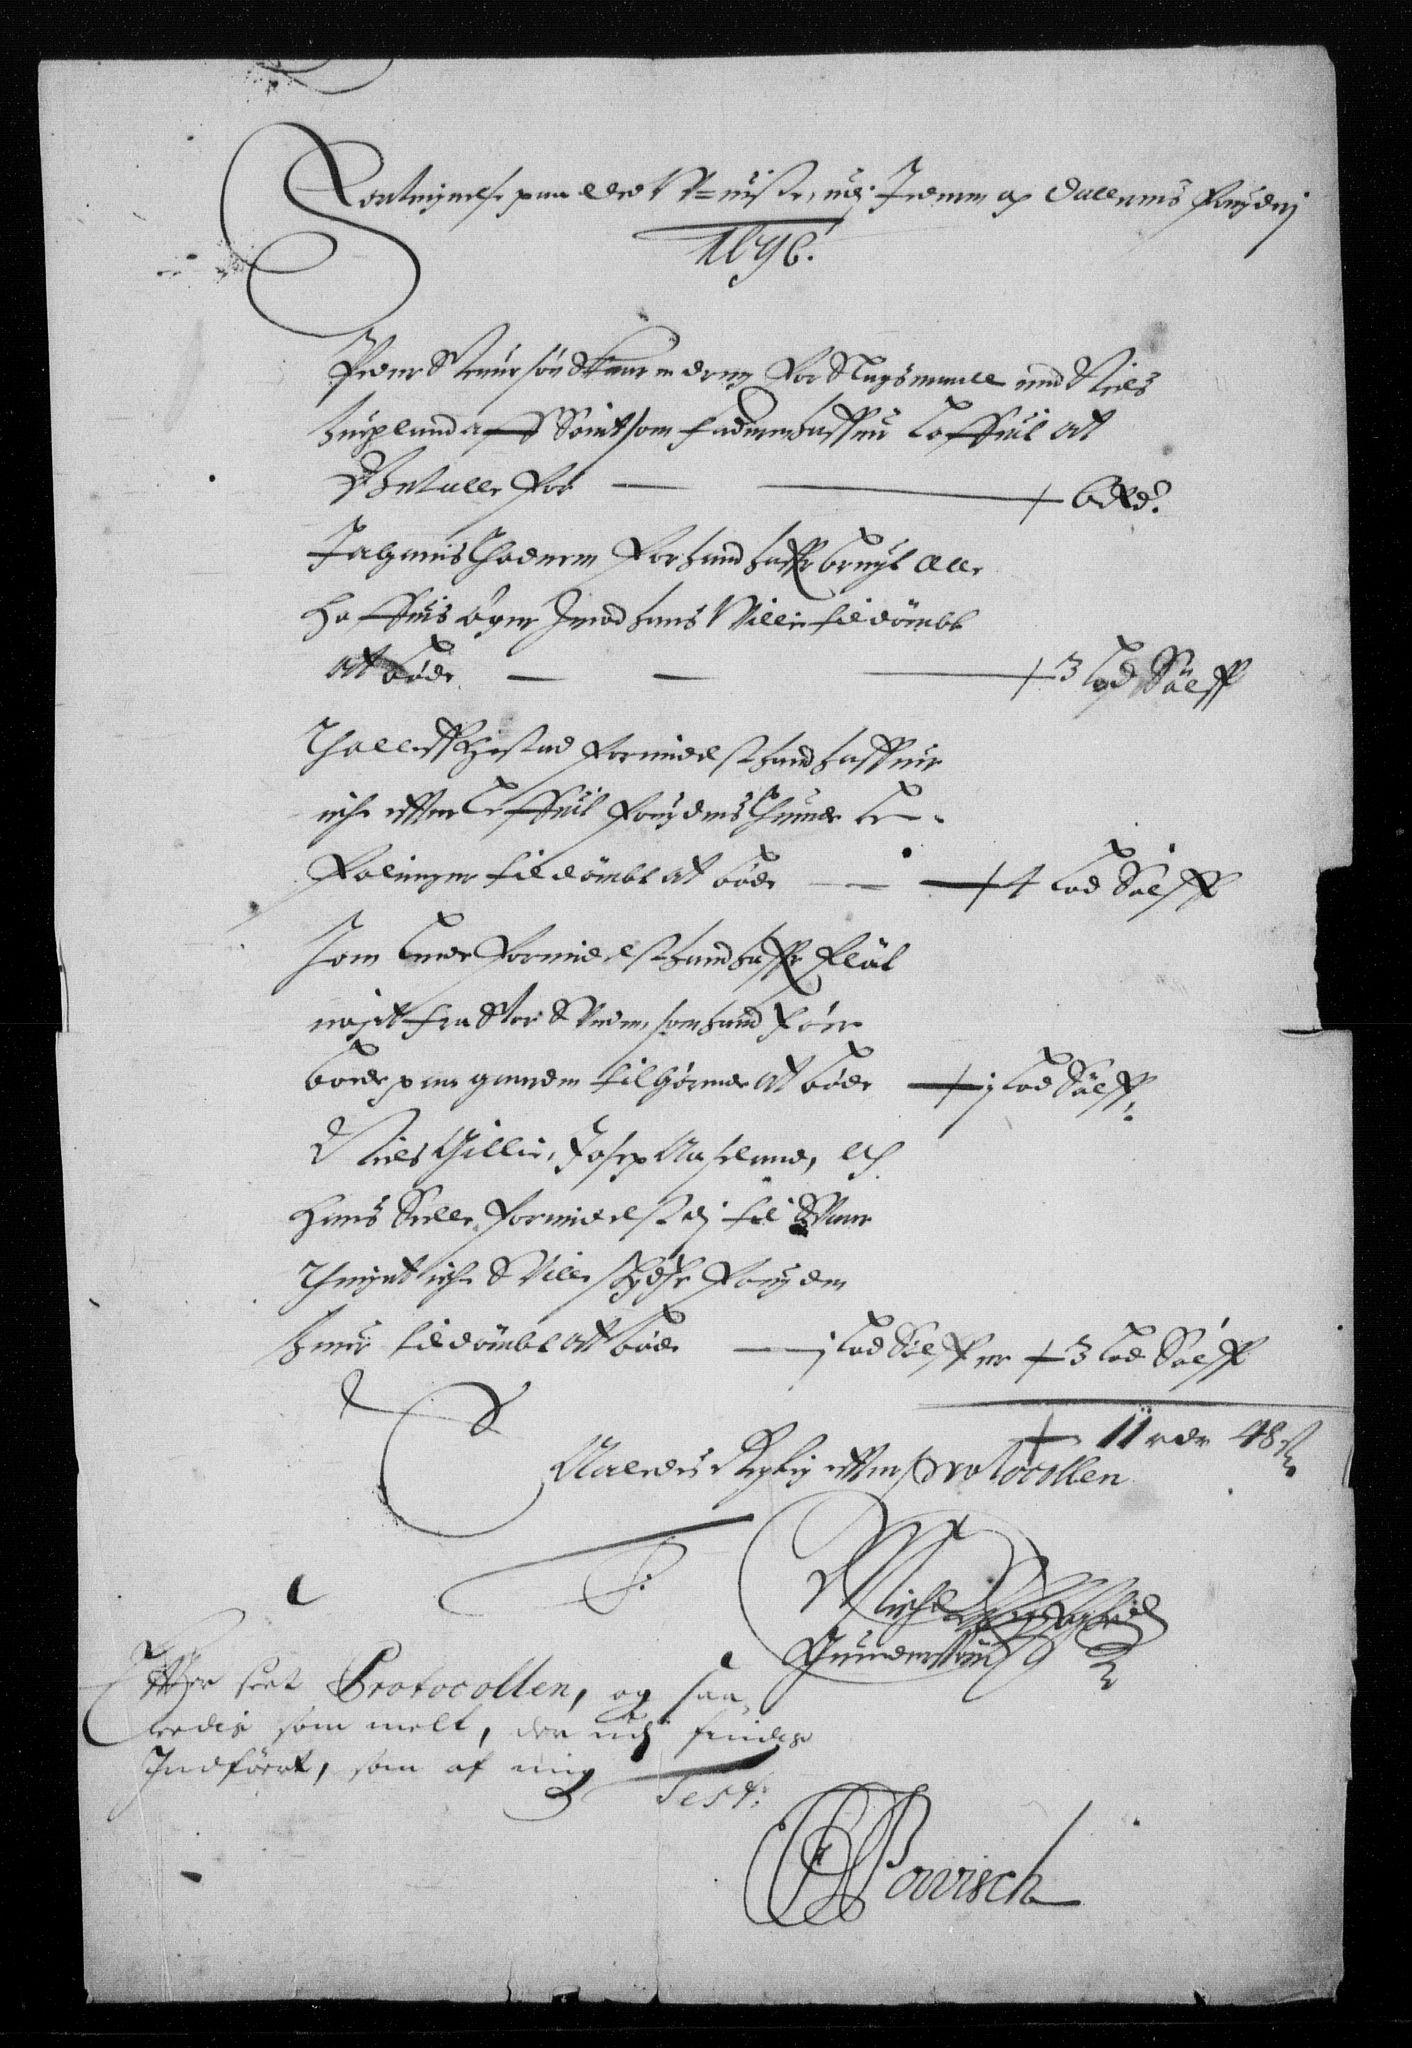 RA, Rentekammeret inntil 1814, Reviderte regnskaper, Fogderegnskap, R46/L2728: Fogderegnskap Jæren og Dalane, 1694-1696, s. 407